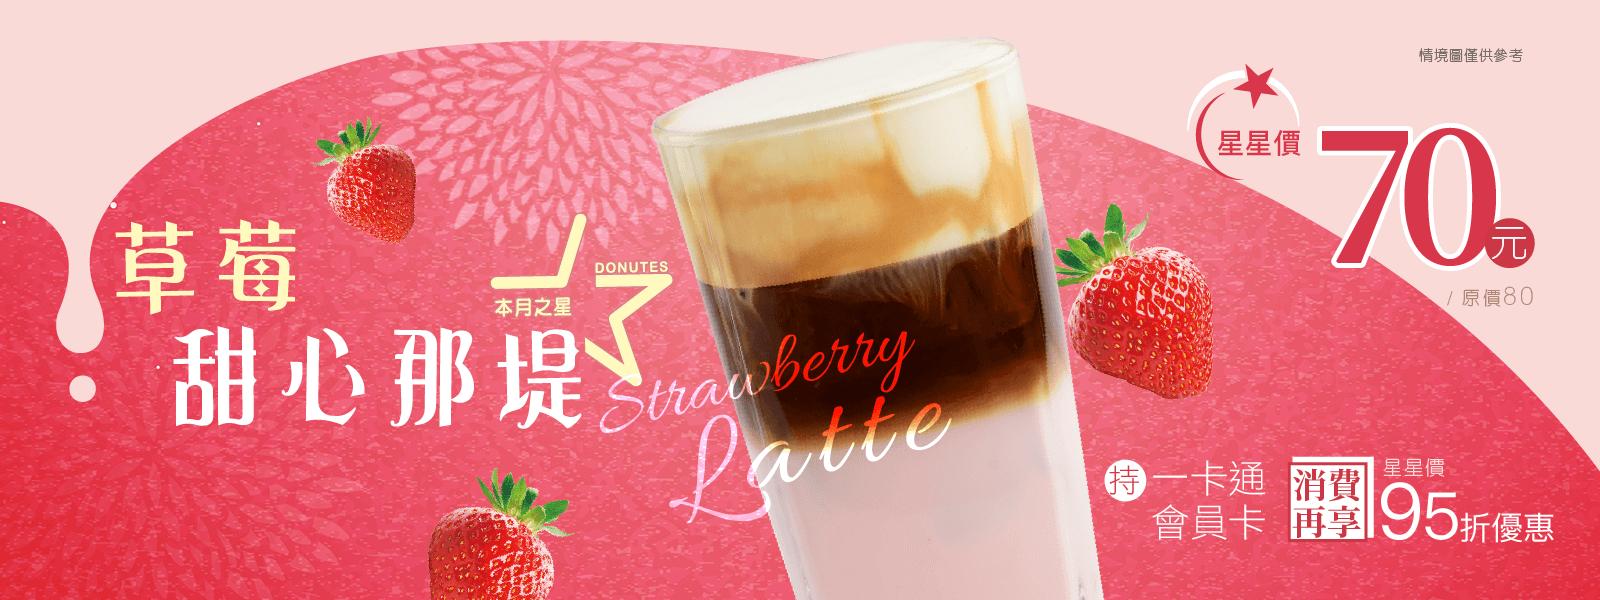 DG-11001-37 202102本月之星-數位文宣_官網咖啡飲品TOP